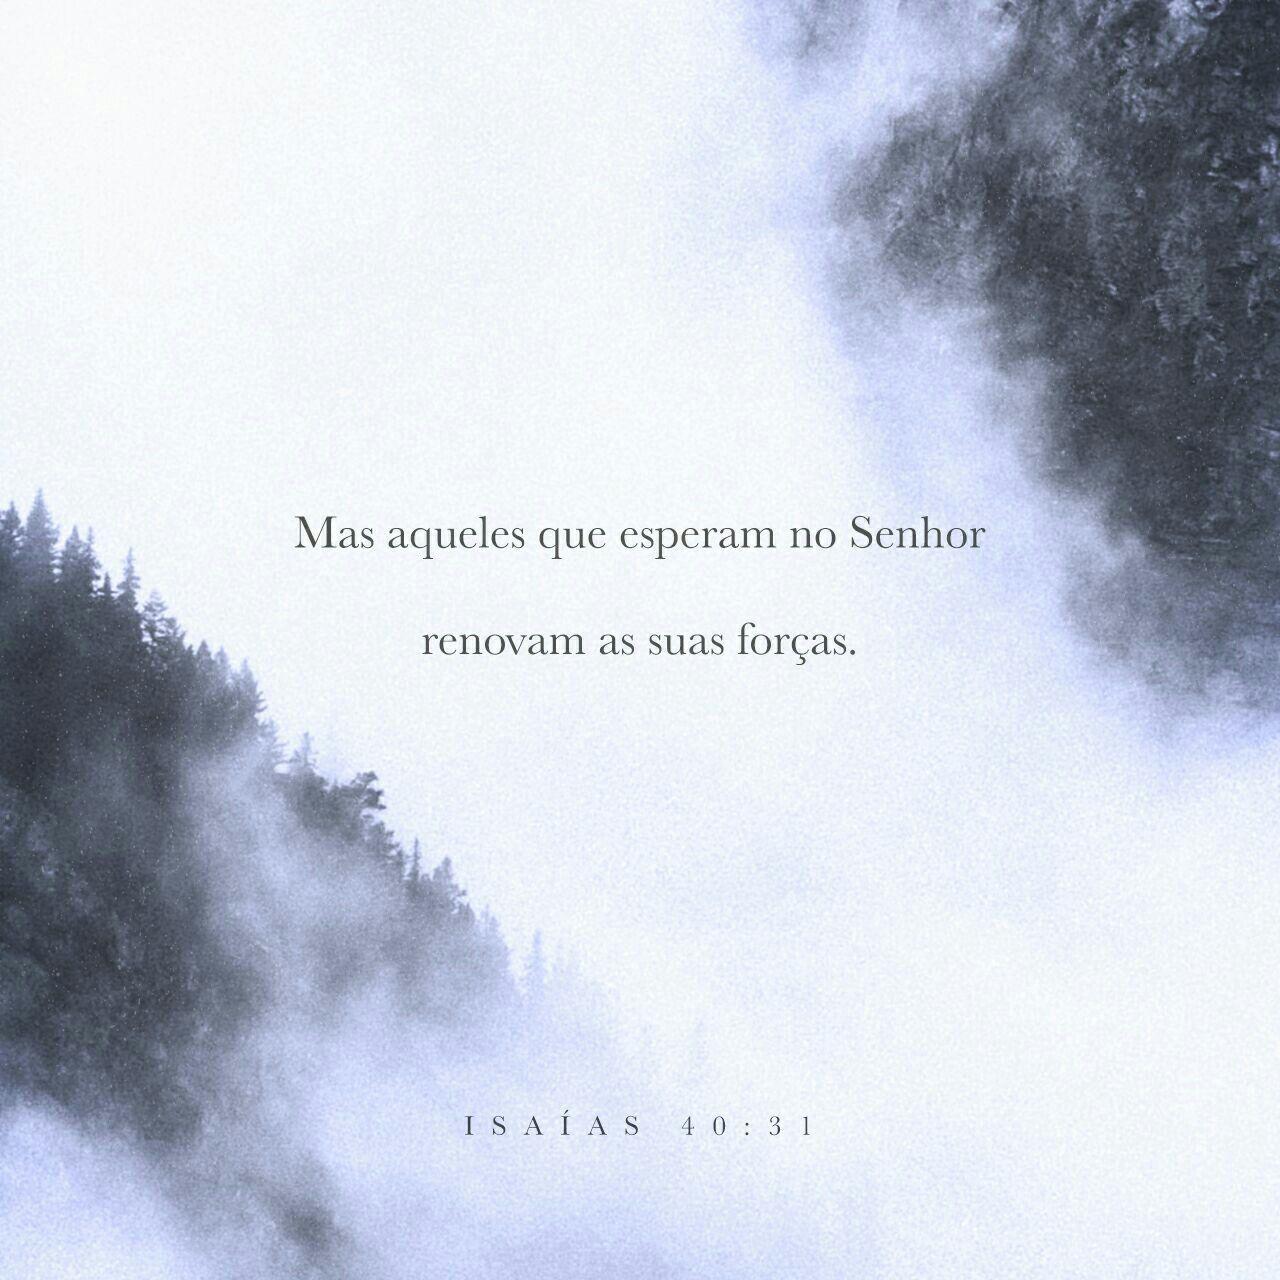 mas aqueles que esperam no Senhor renovam as suas forças. Voam alto como águias; correm e não ficam exaustos, andam e não se cansam. Isaías 40:31 NVI http://bible.com/129/isa.40.31.NVI